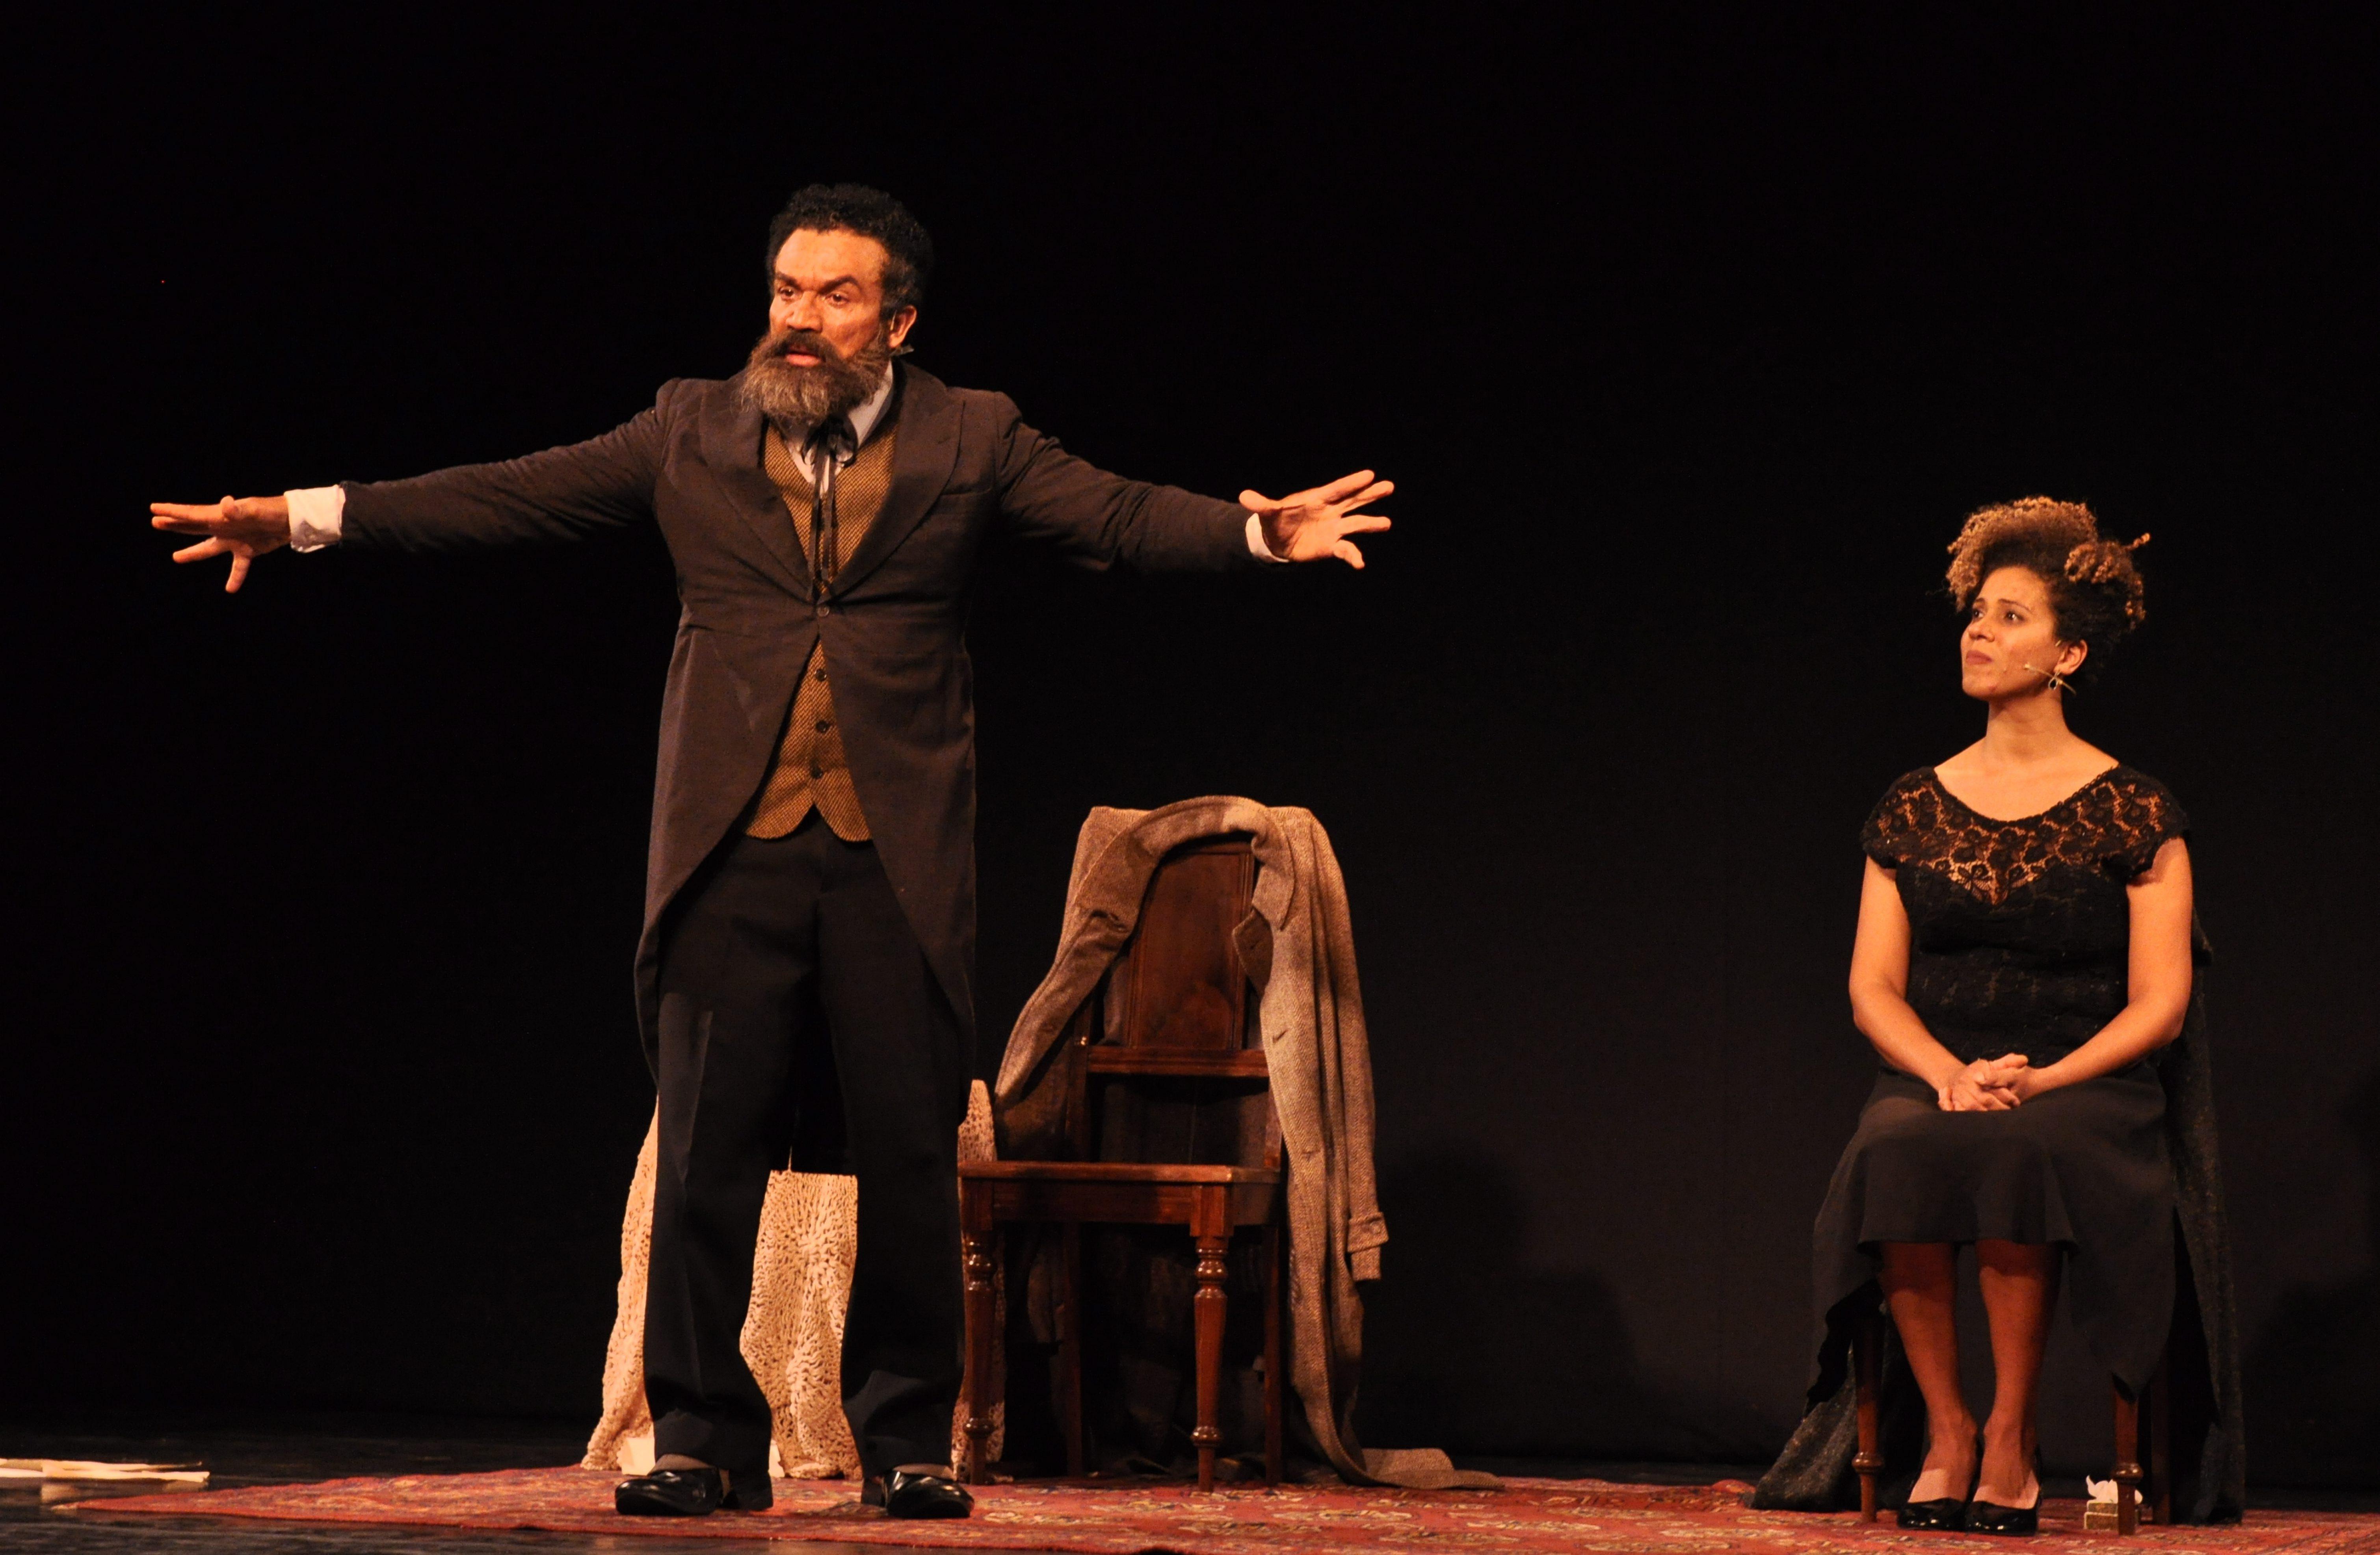 Ator Deo Garcez no palco com os braços abertos e roupas de época. Ao fundo, atriz está sentada